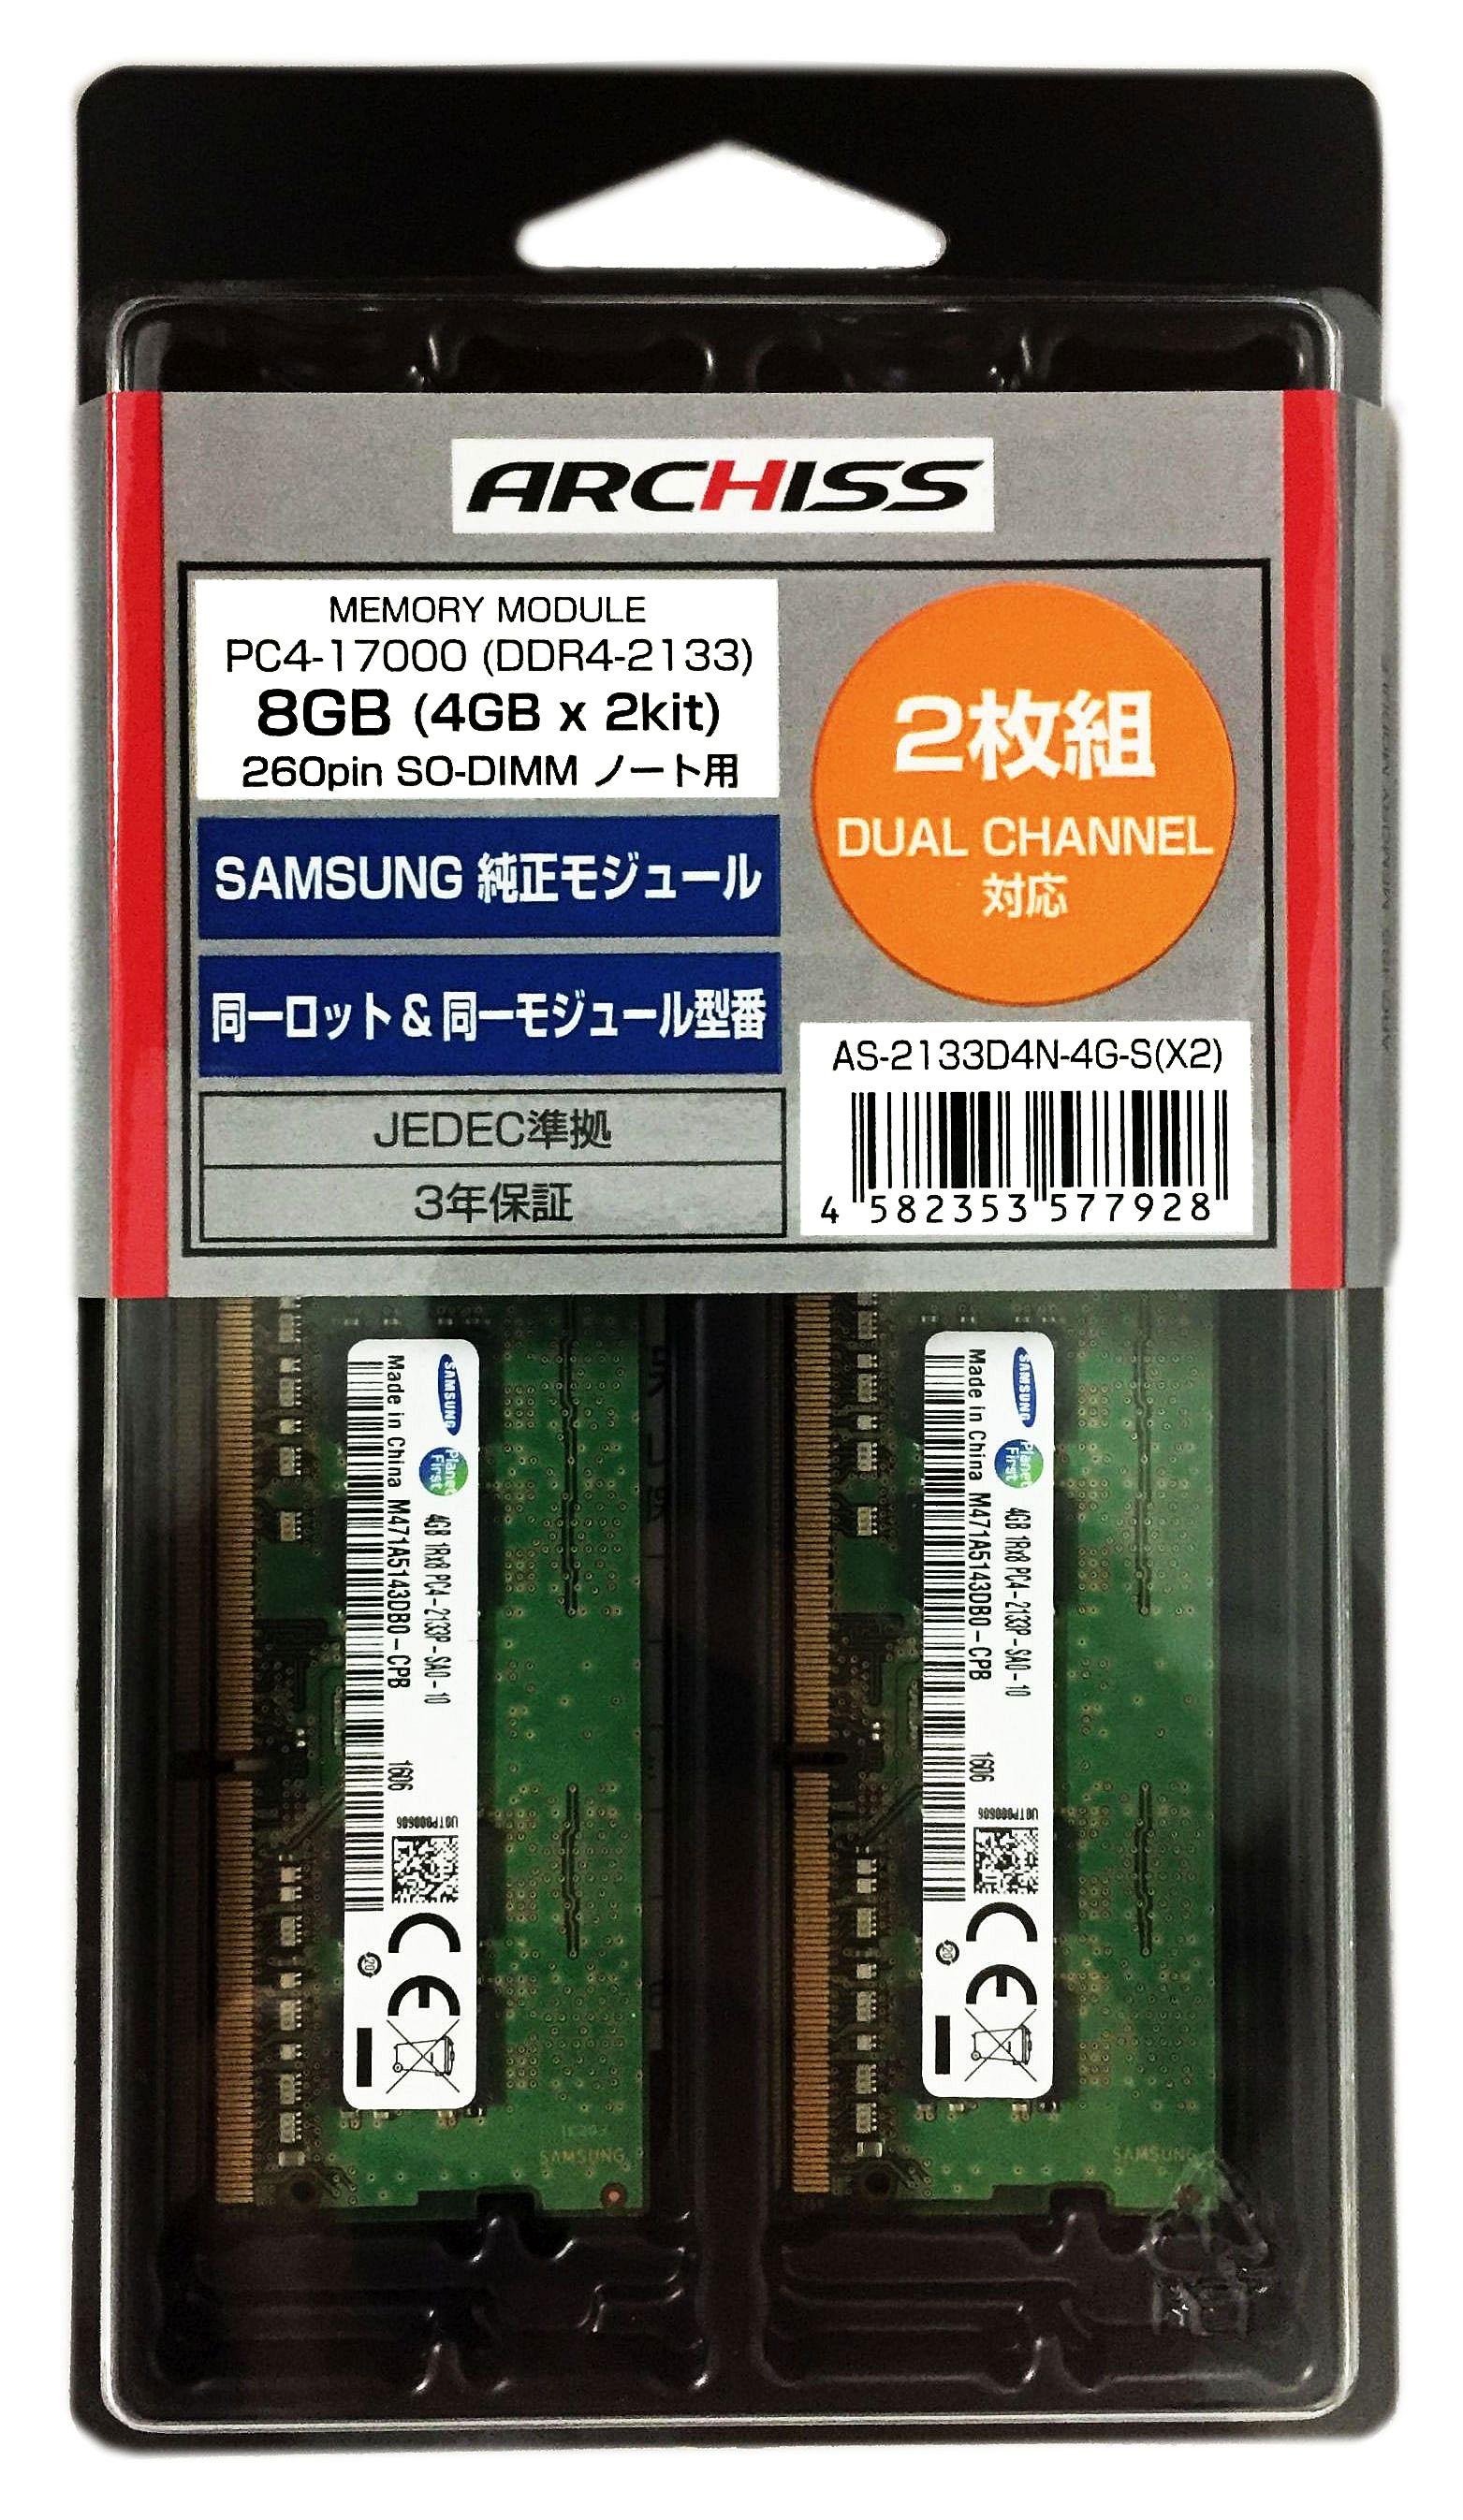 AS-2133D4N-4G-S(X2)